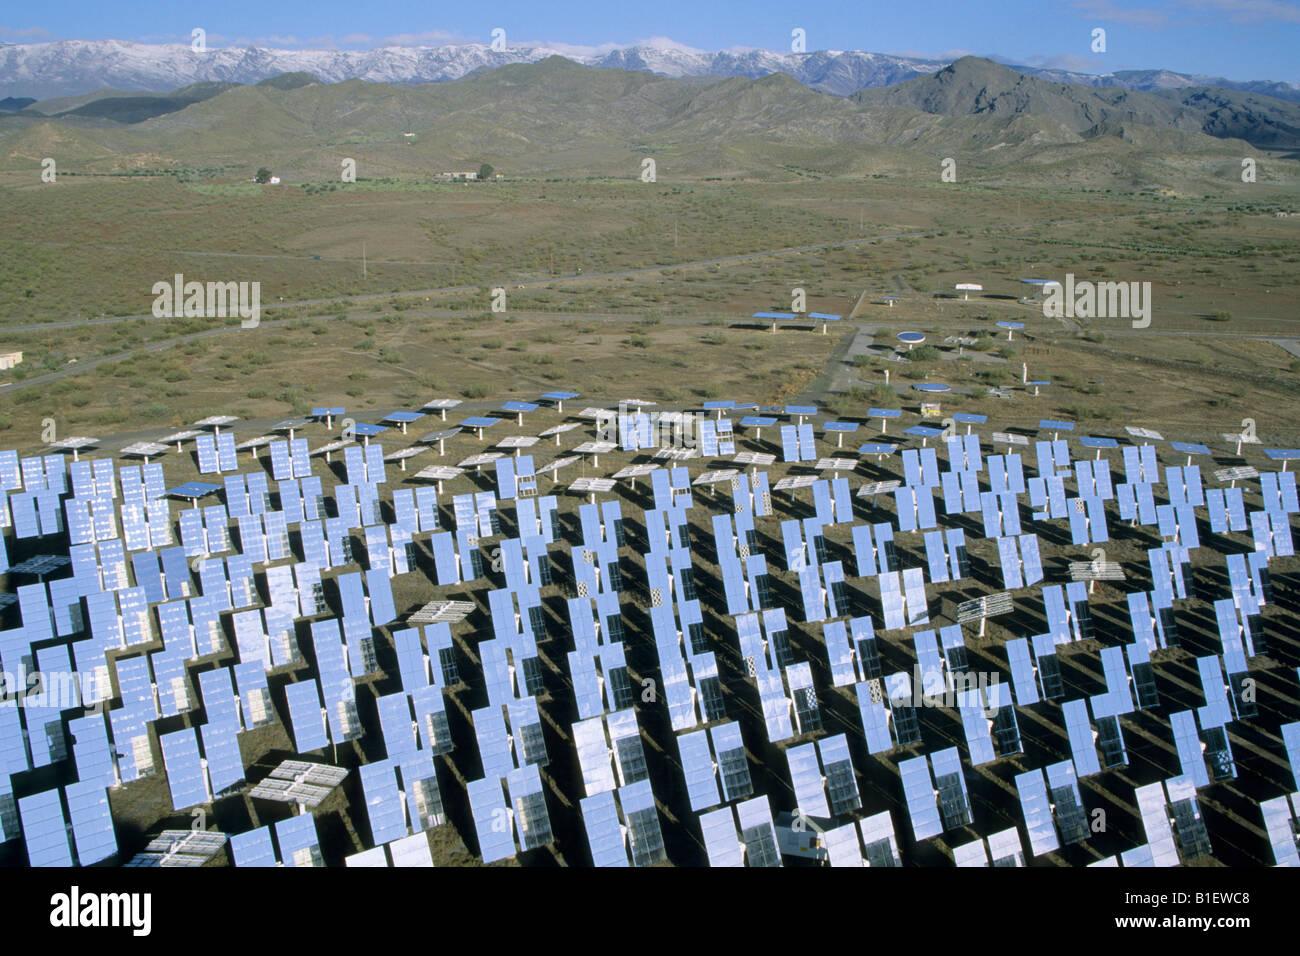 La Plataforma Solar de Almería es el centro s es el mayor centro de investigación de desarrollo y pruebas Imagen De Stock